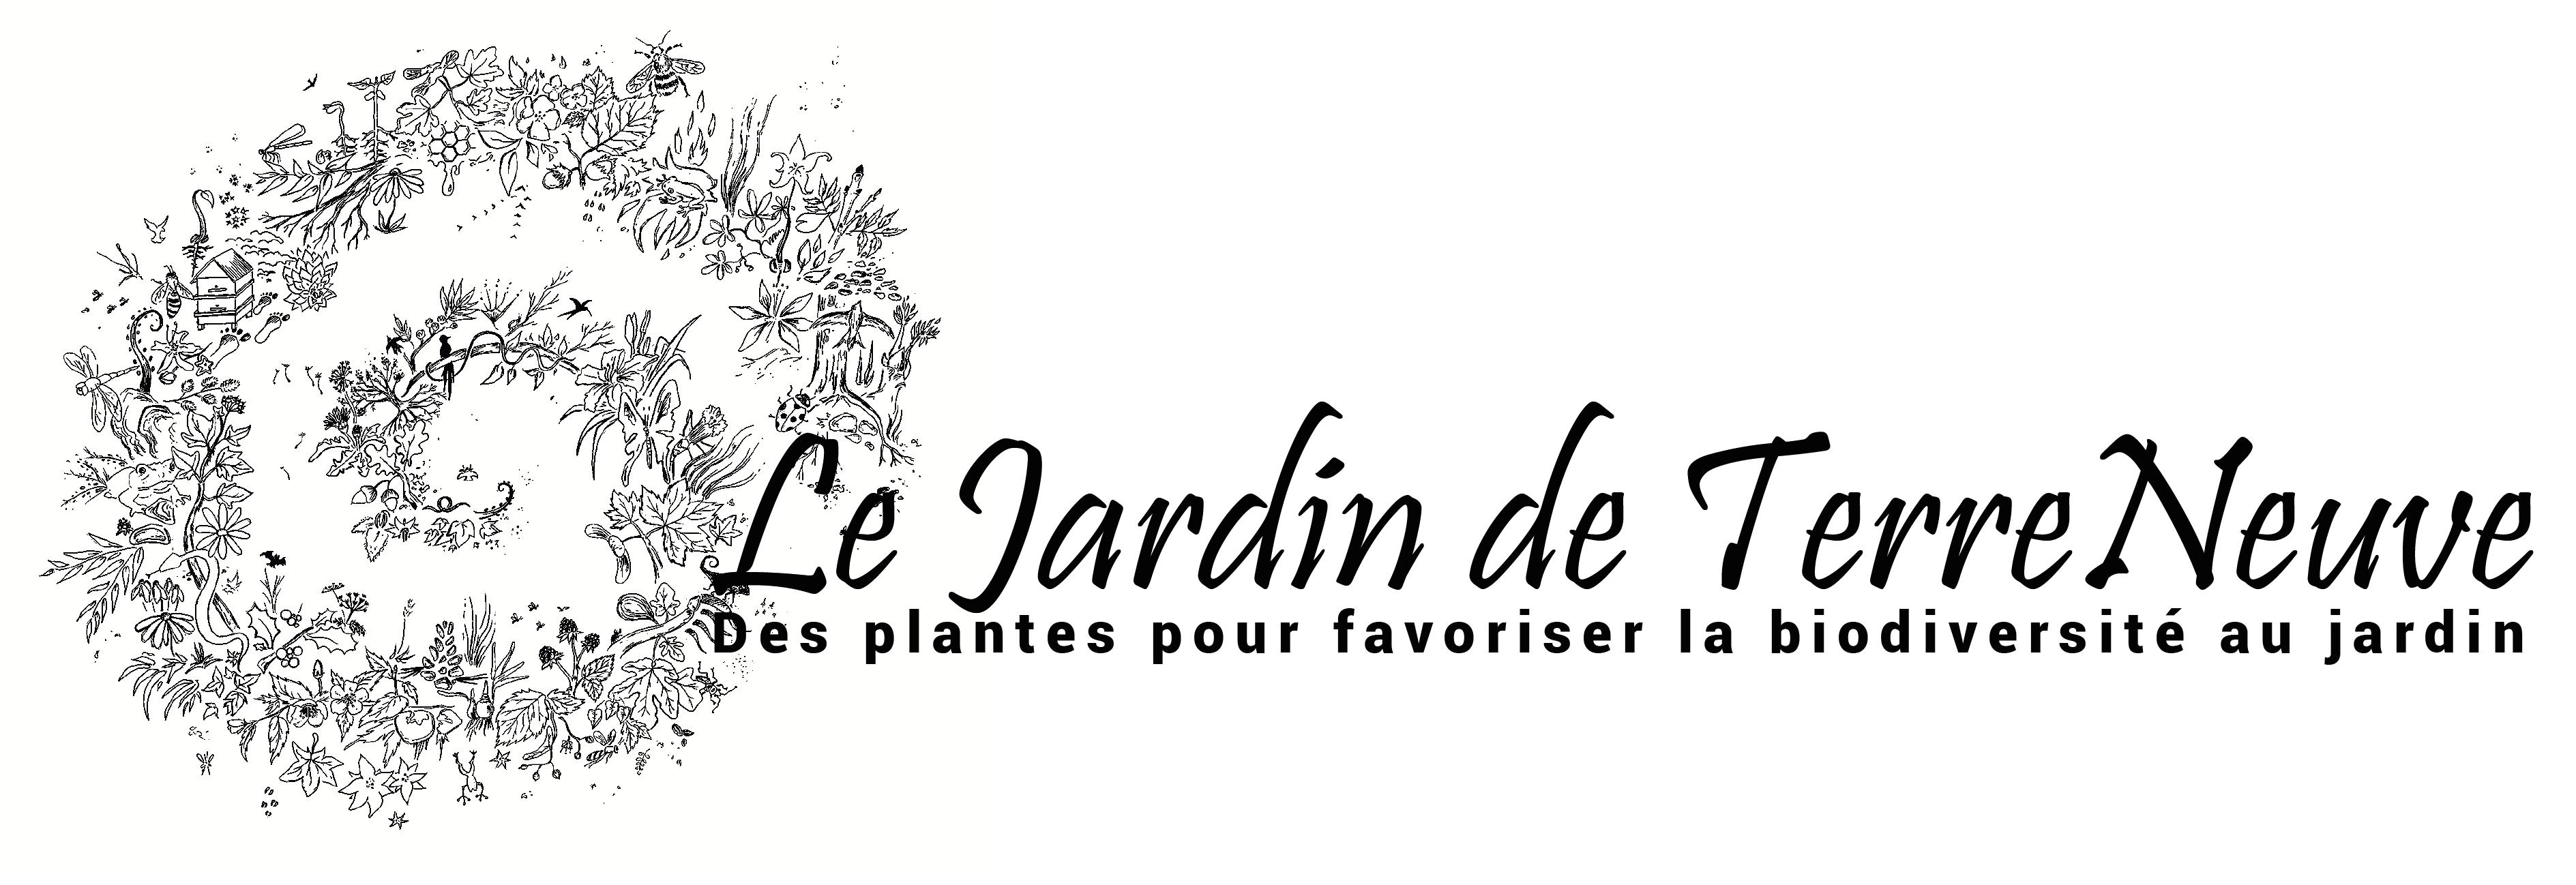 Le jardin de Terre Neuve - Vente de plantes vivaces